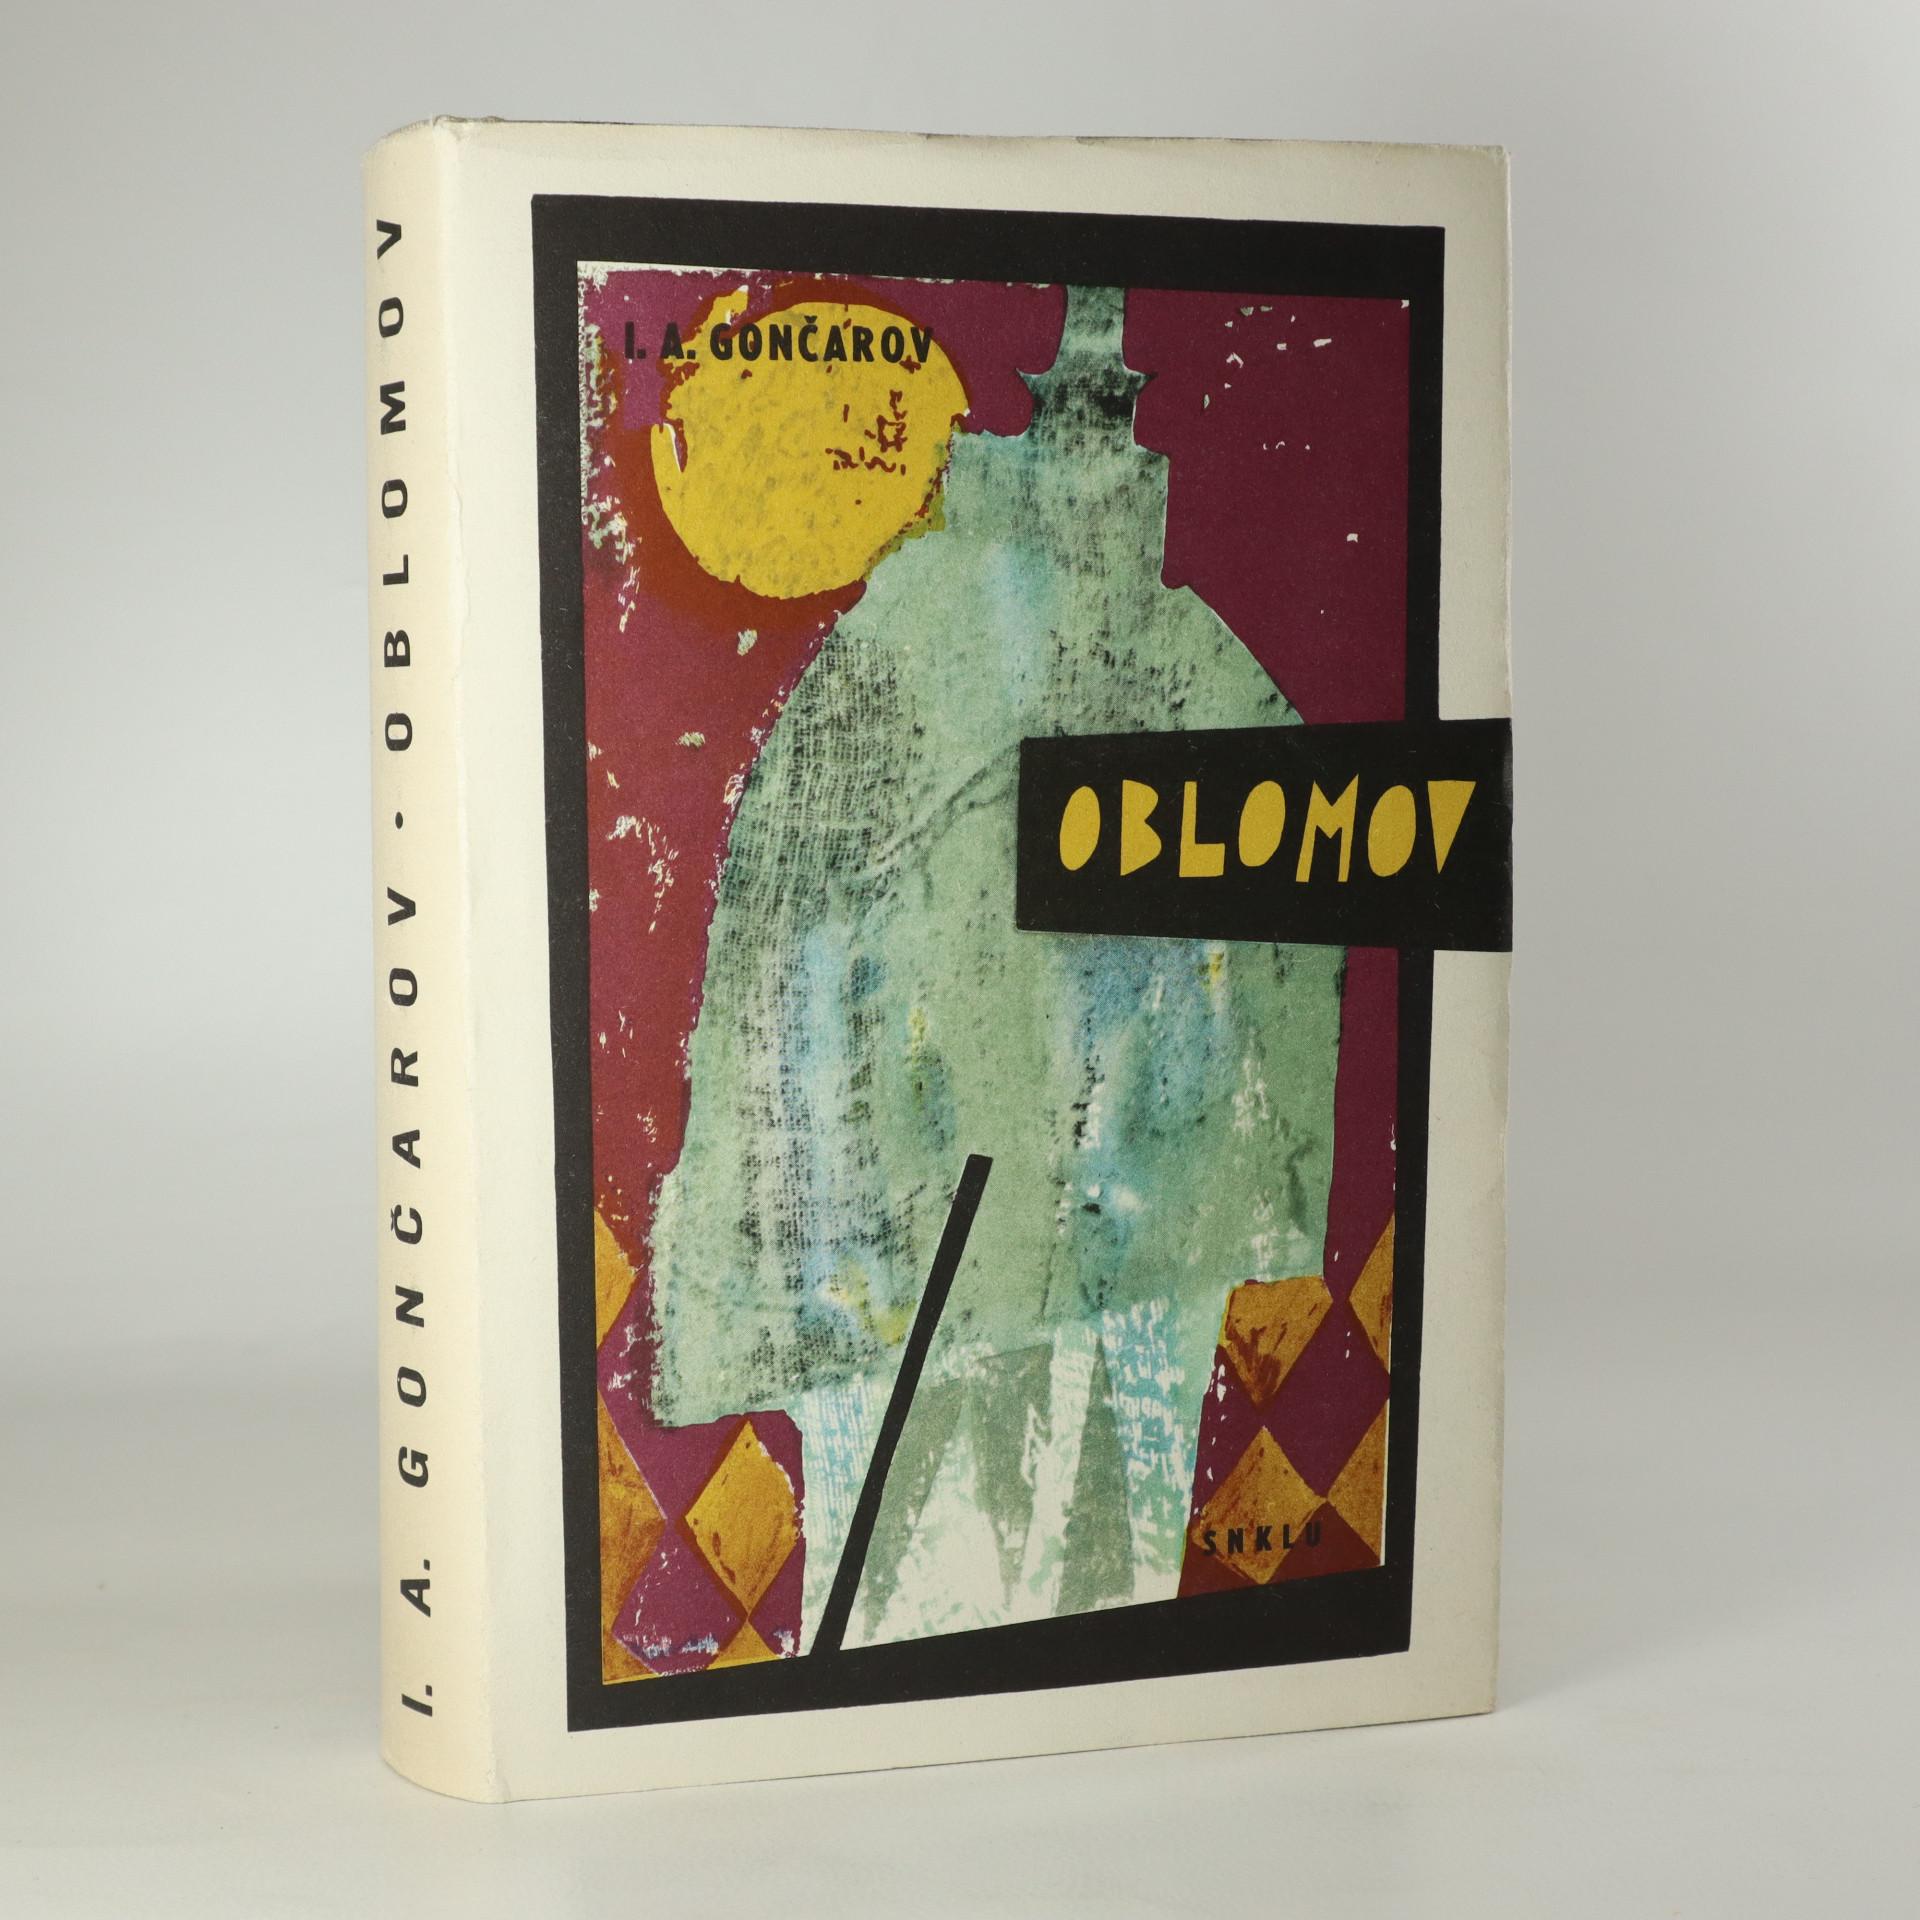 antikvární kniha Oblomov, 1963